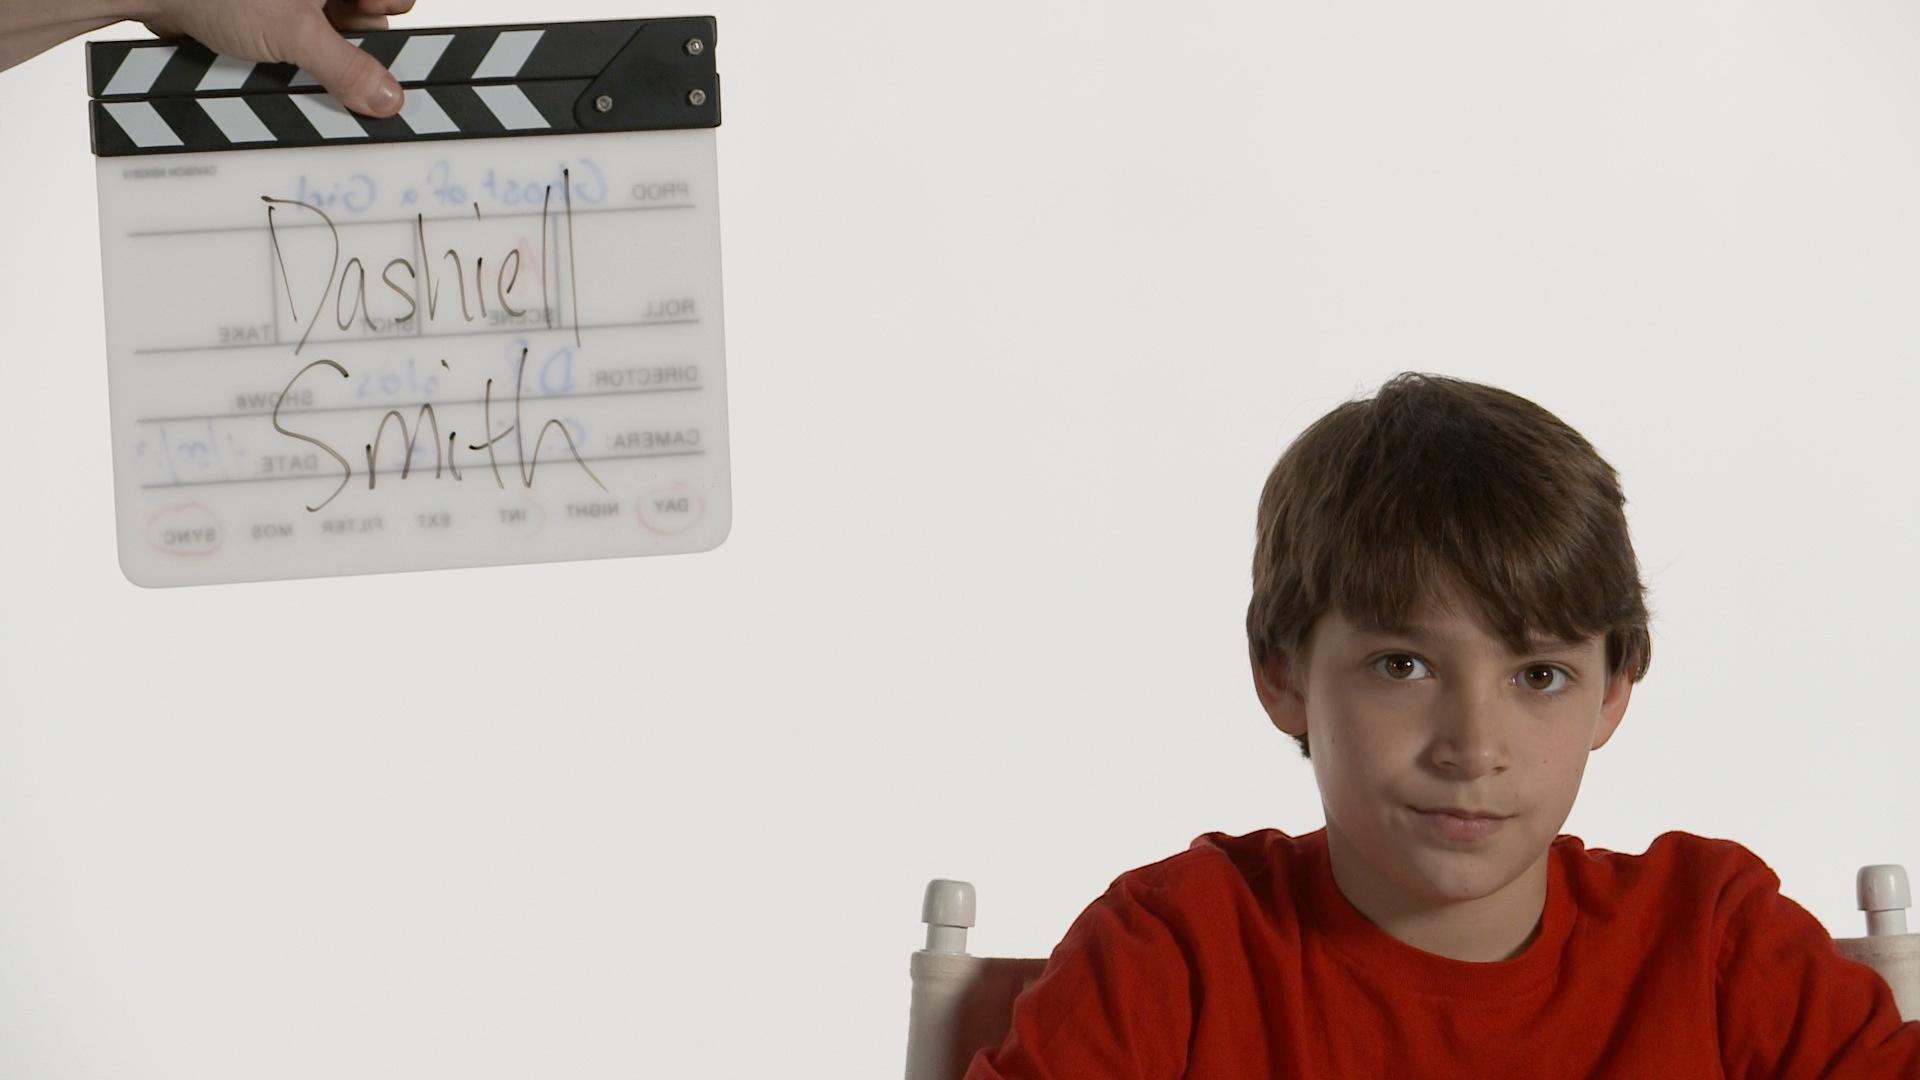 Dashiell as Ben